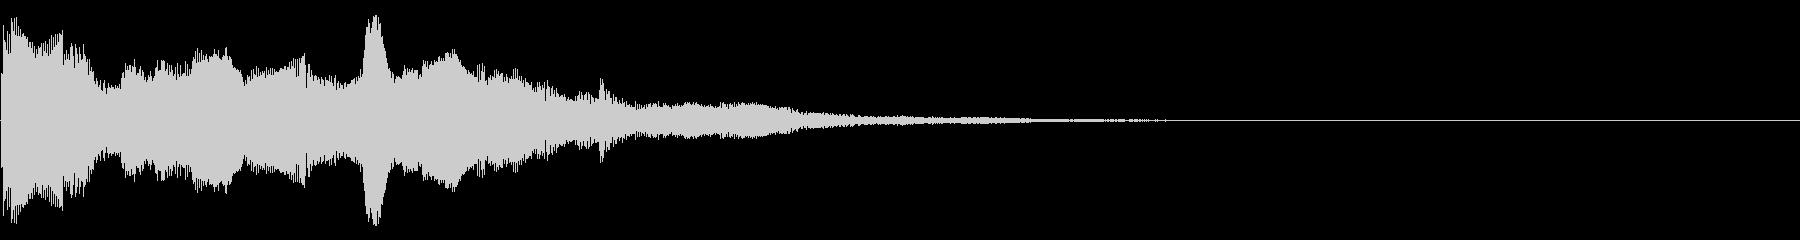 スタート音05の未再生の波形